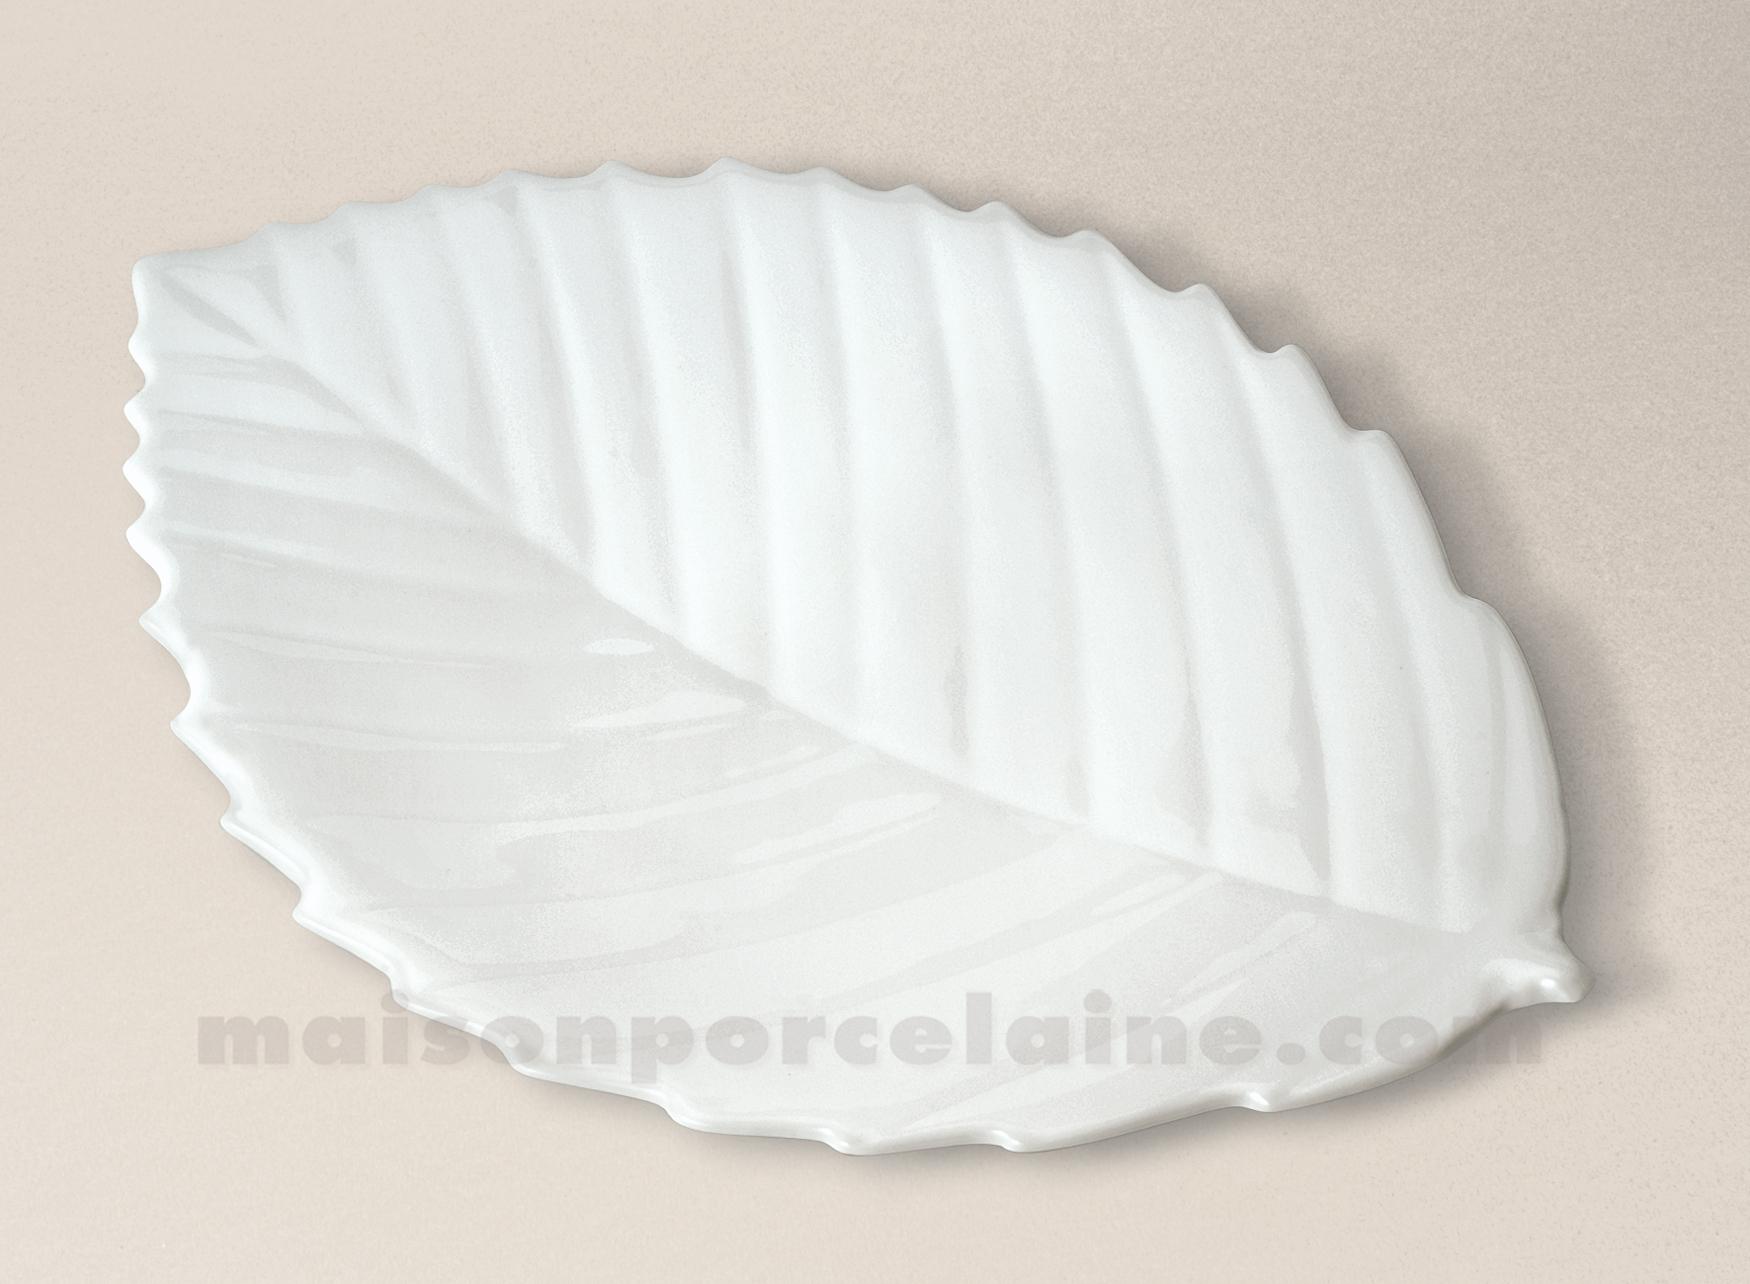 Assiette feuille chataigner limoges porcelaine blanche 28cm maison de la po - La porcelaine blanche ...